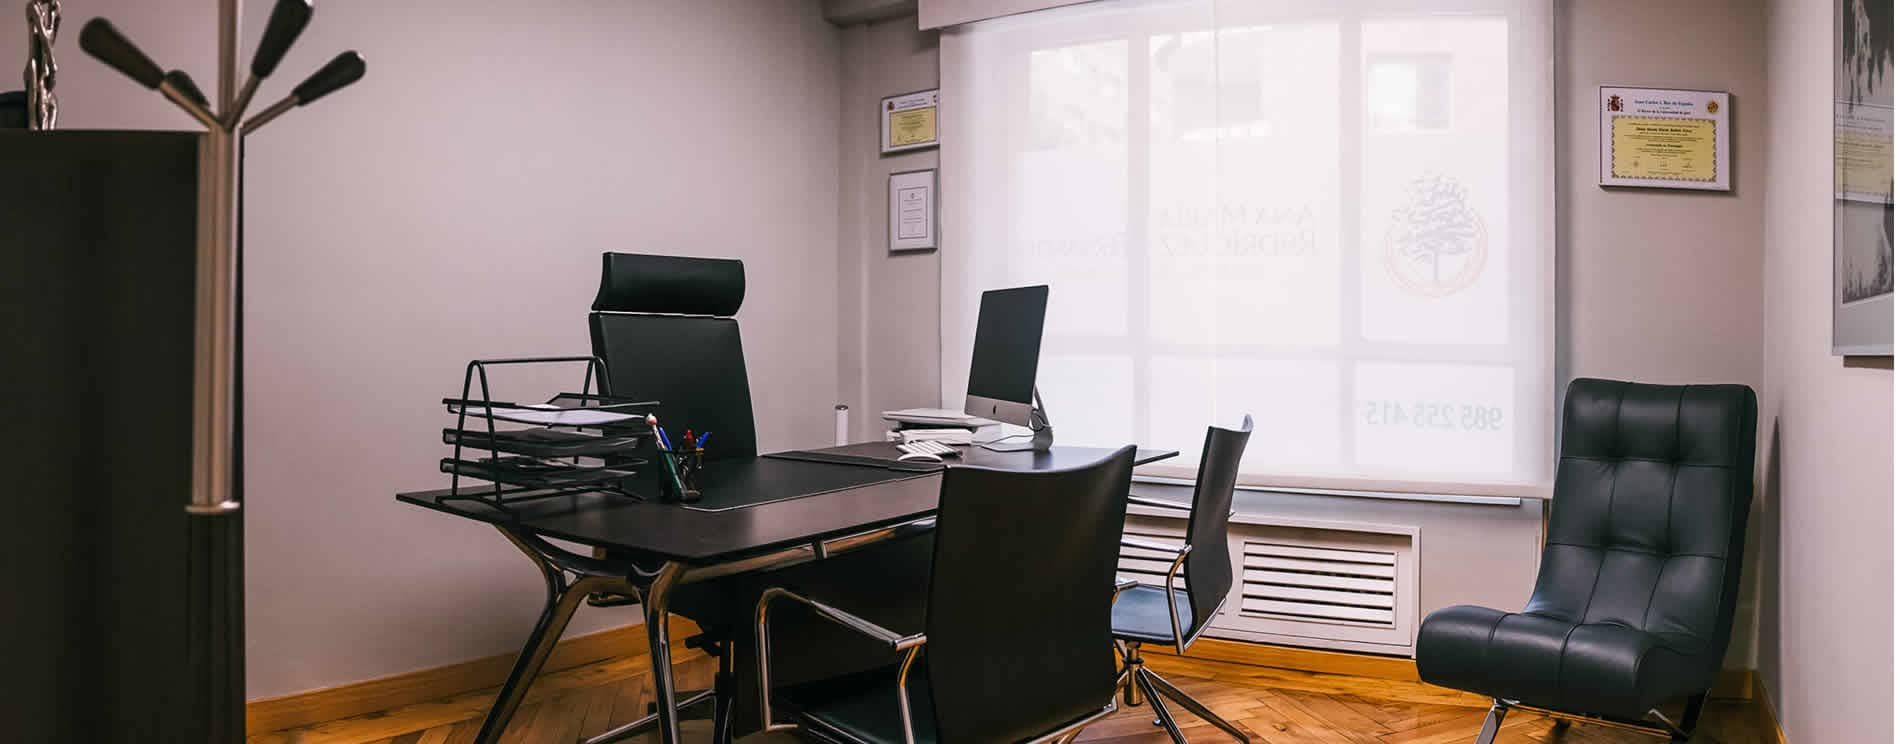 Interior del centro de psiocología Ana María Rodróguez